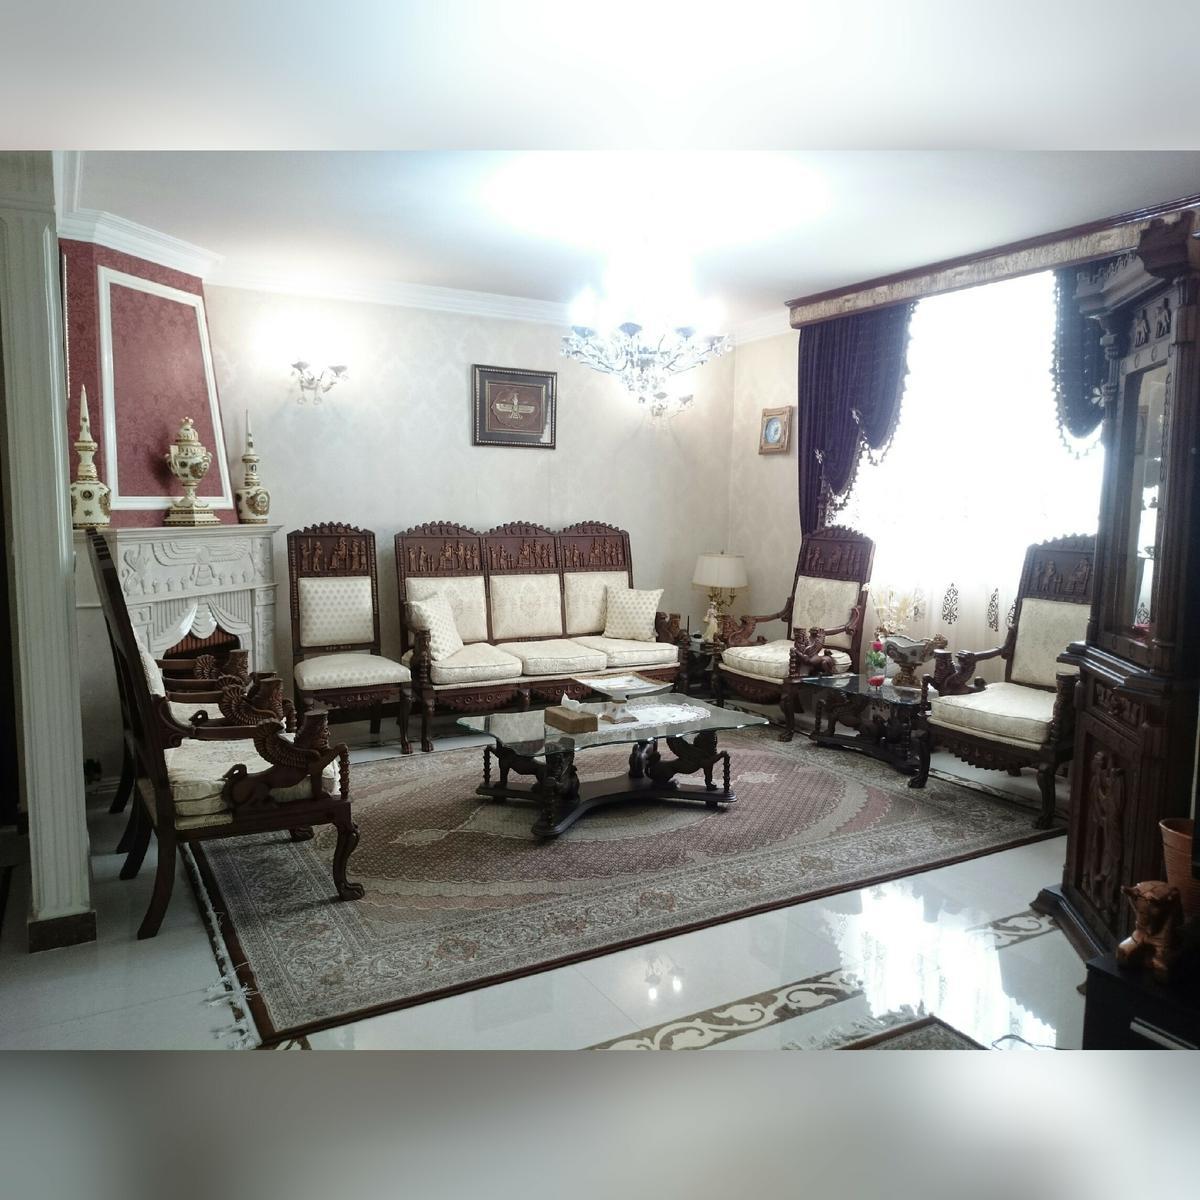 اجاره آپارتمان مبله در تهران کوتاه مدت KV0910 | ارزان جا